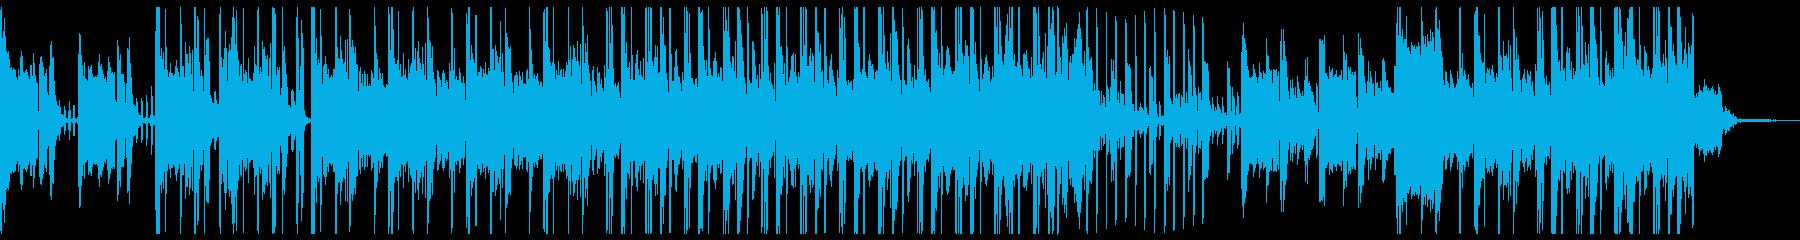 迫真_演説_モチベーションの再生済みの波形